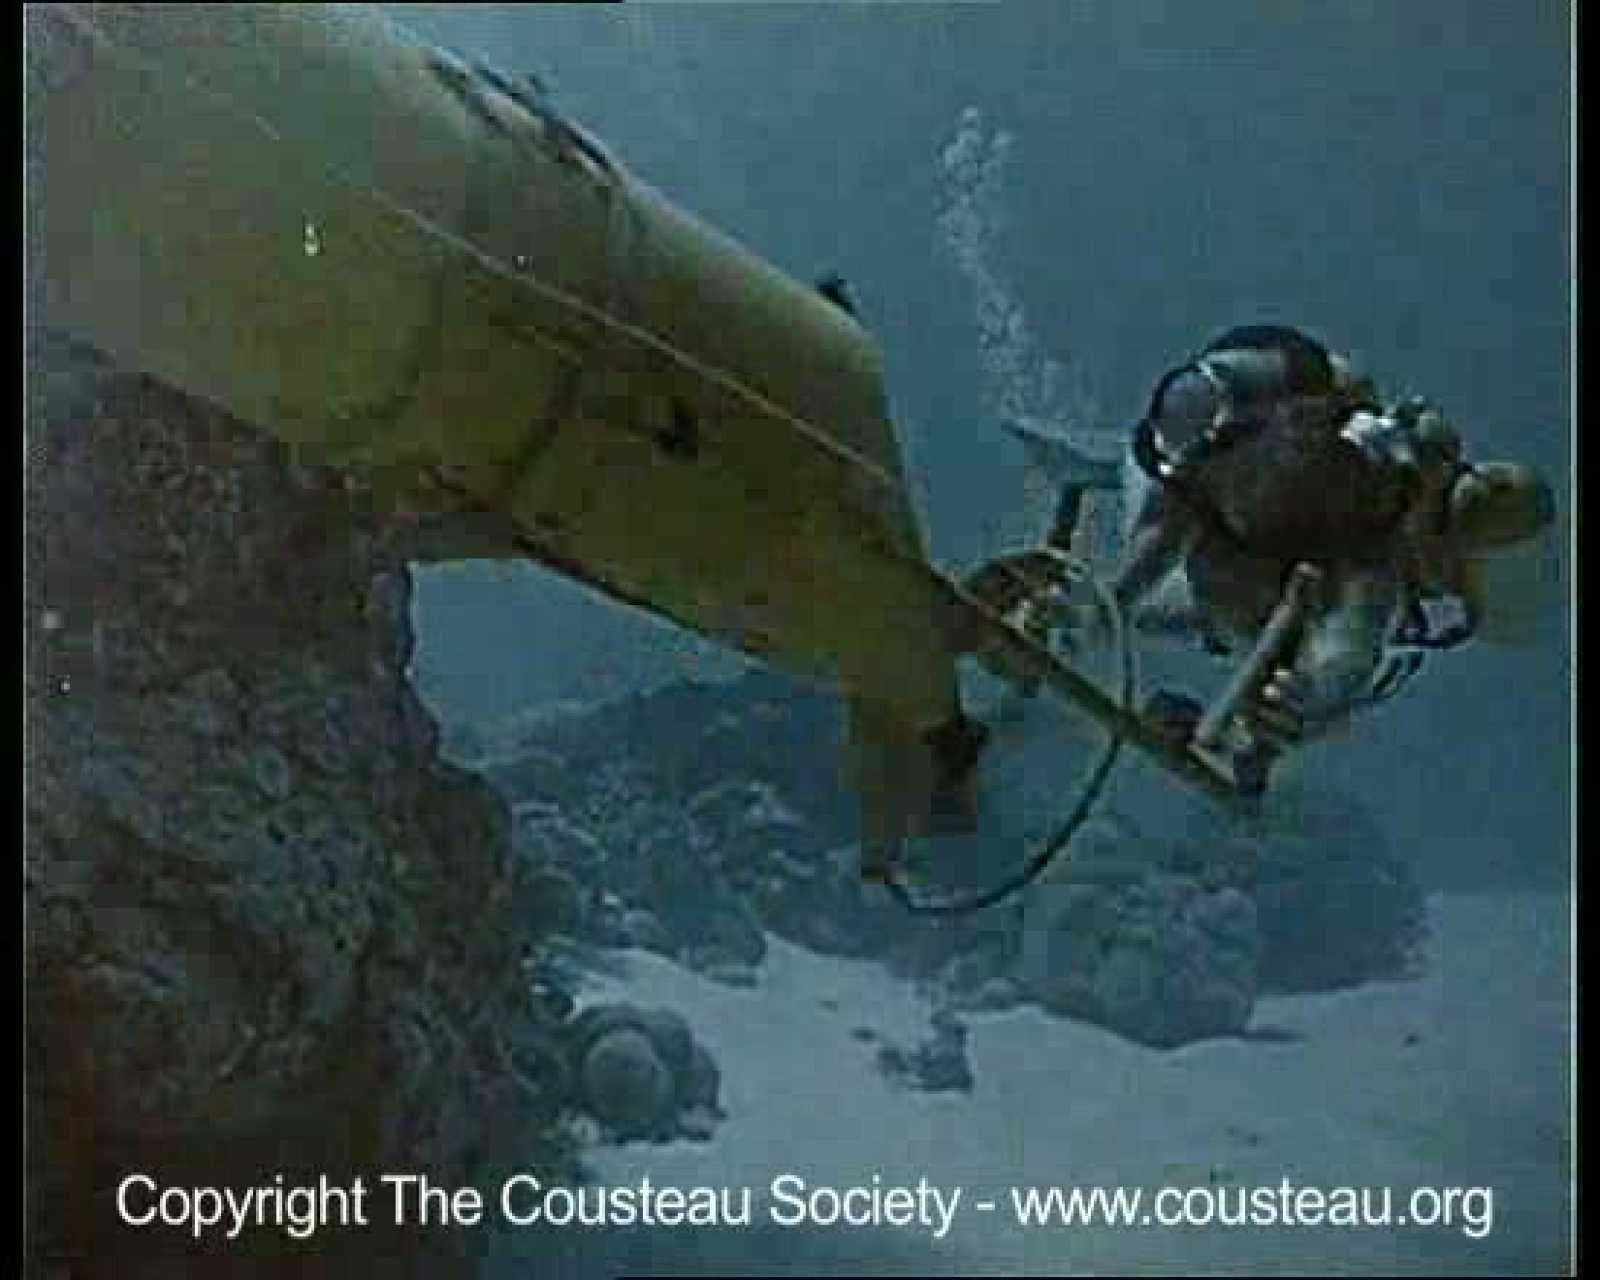 Inventos y tecnología del Capitán Cousteau